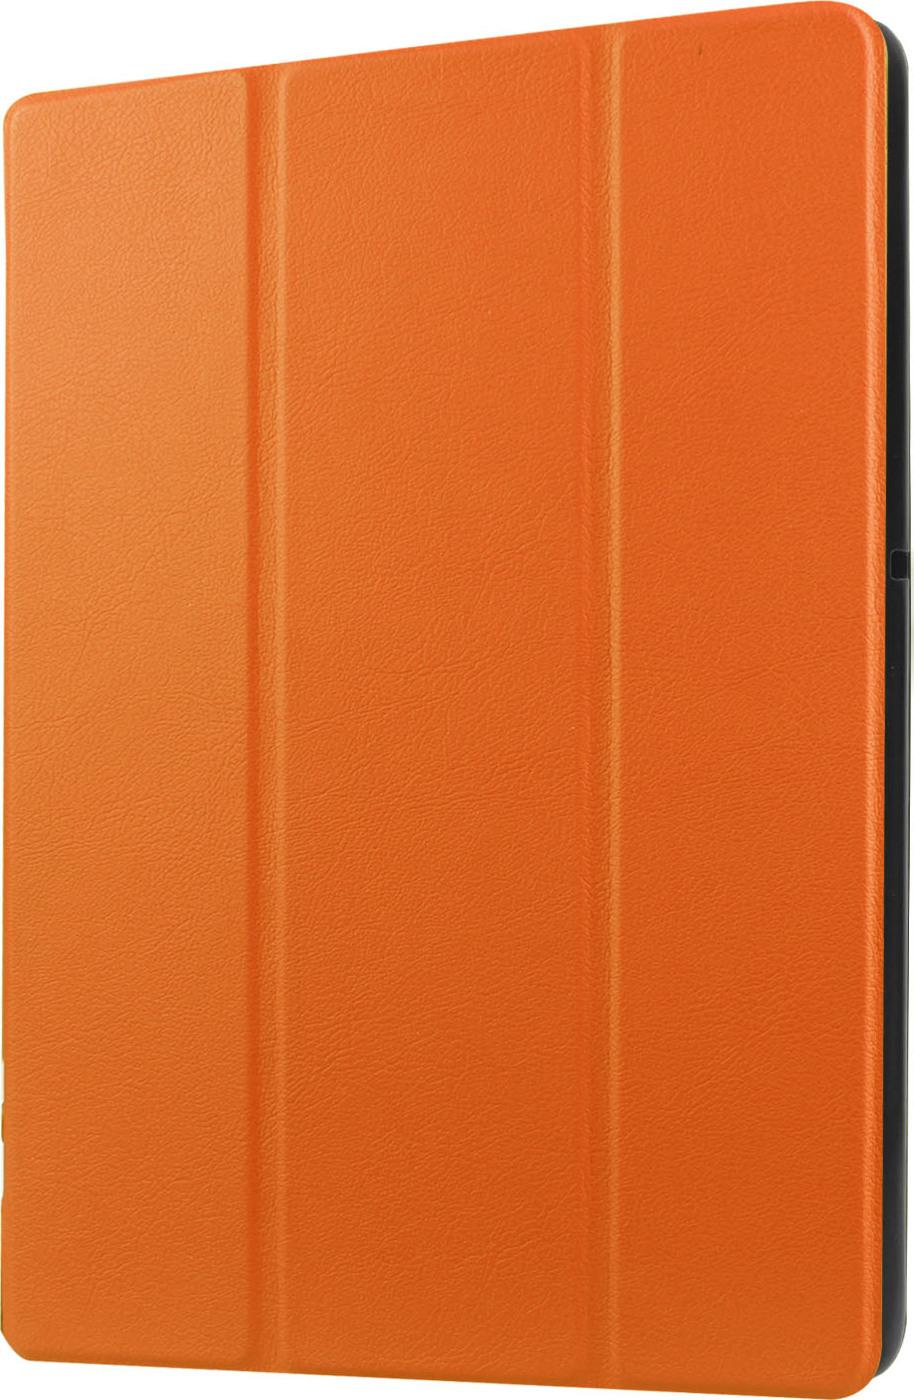 Чехол-обложка MyPads для LG G Pad 2 8.0 (V498) тонкий умный кожаный на пластиковой основе с трансформацией в подставку оранжевый